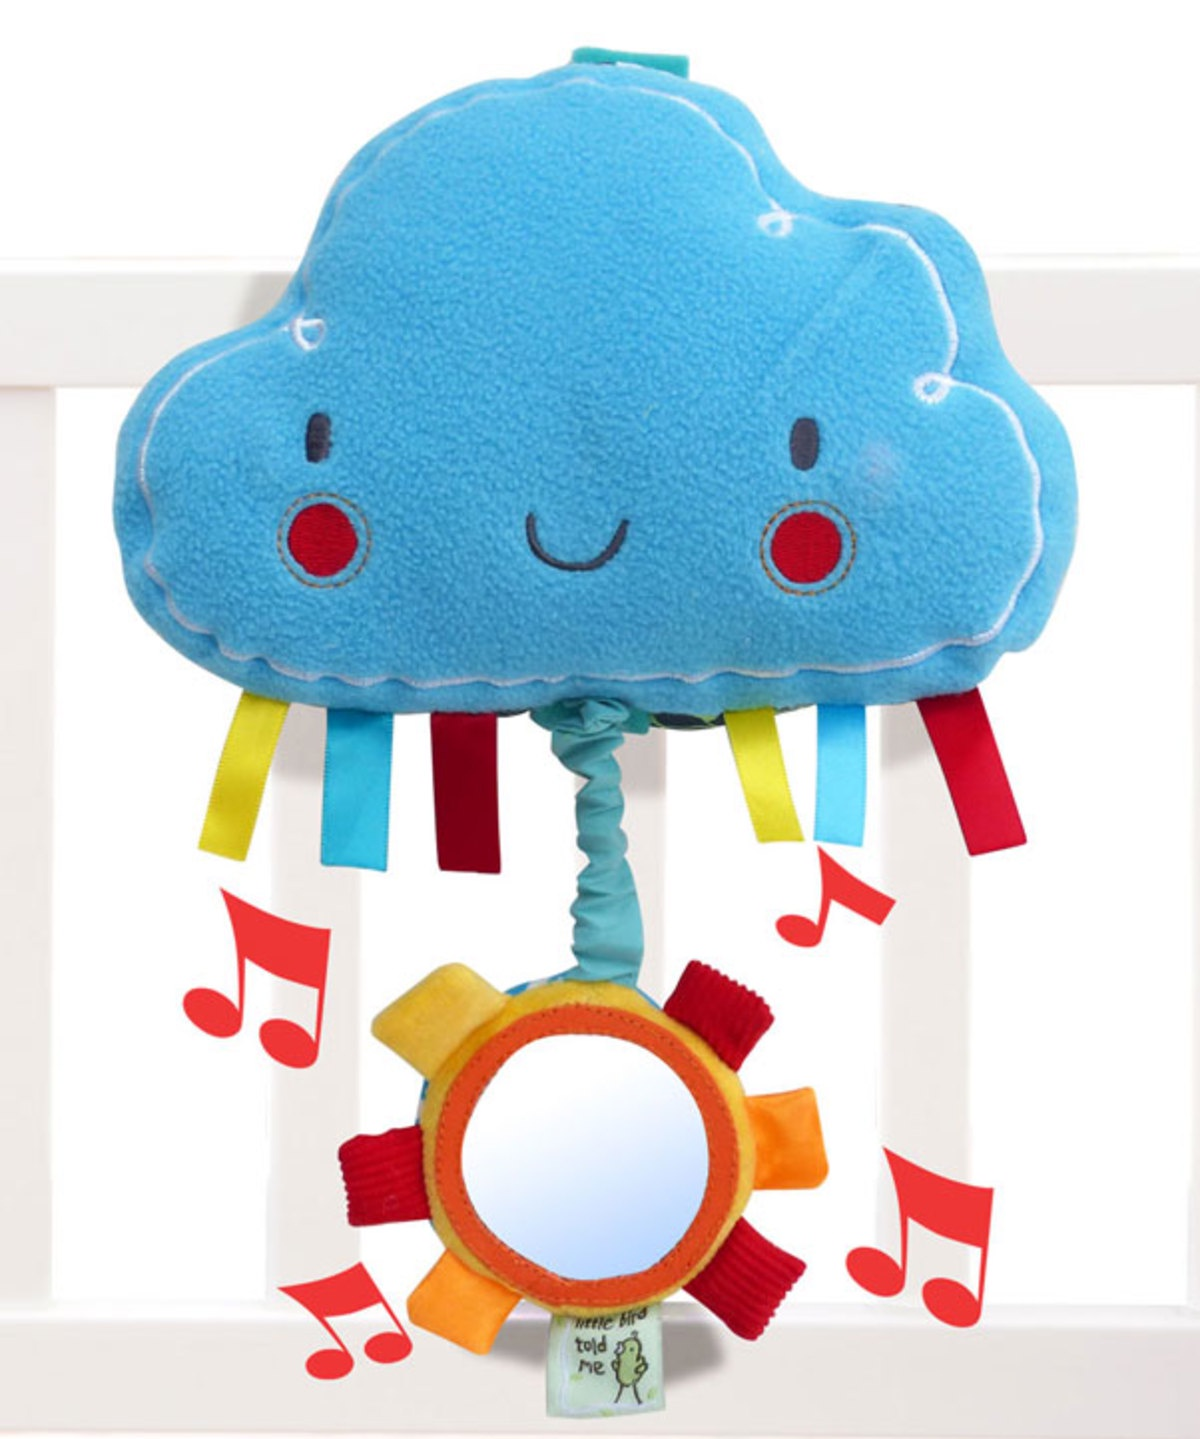 Музыкальная игрушка Little Bird Told Me Развивающая игрушка голубой little bird told me развивающий коврик щенок